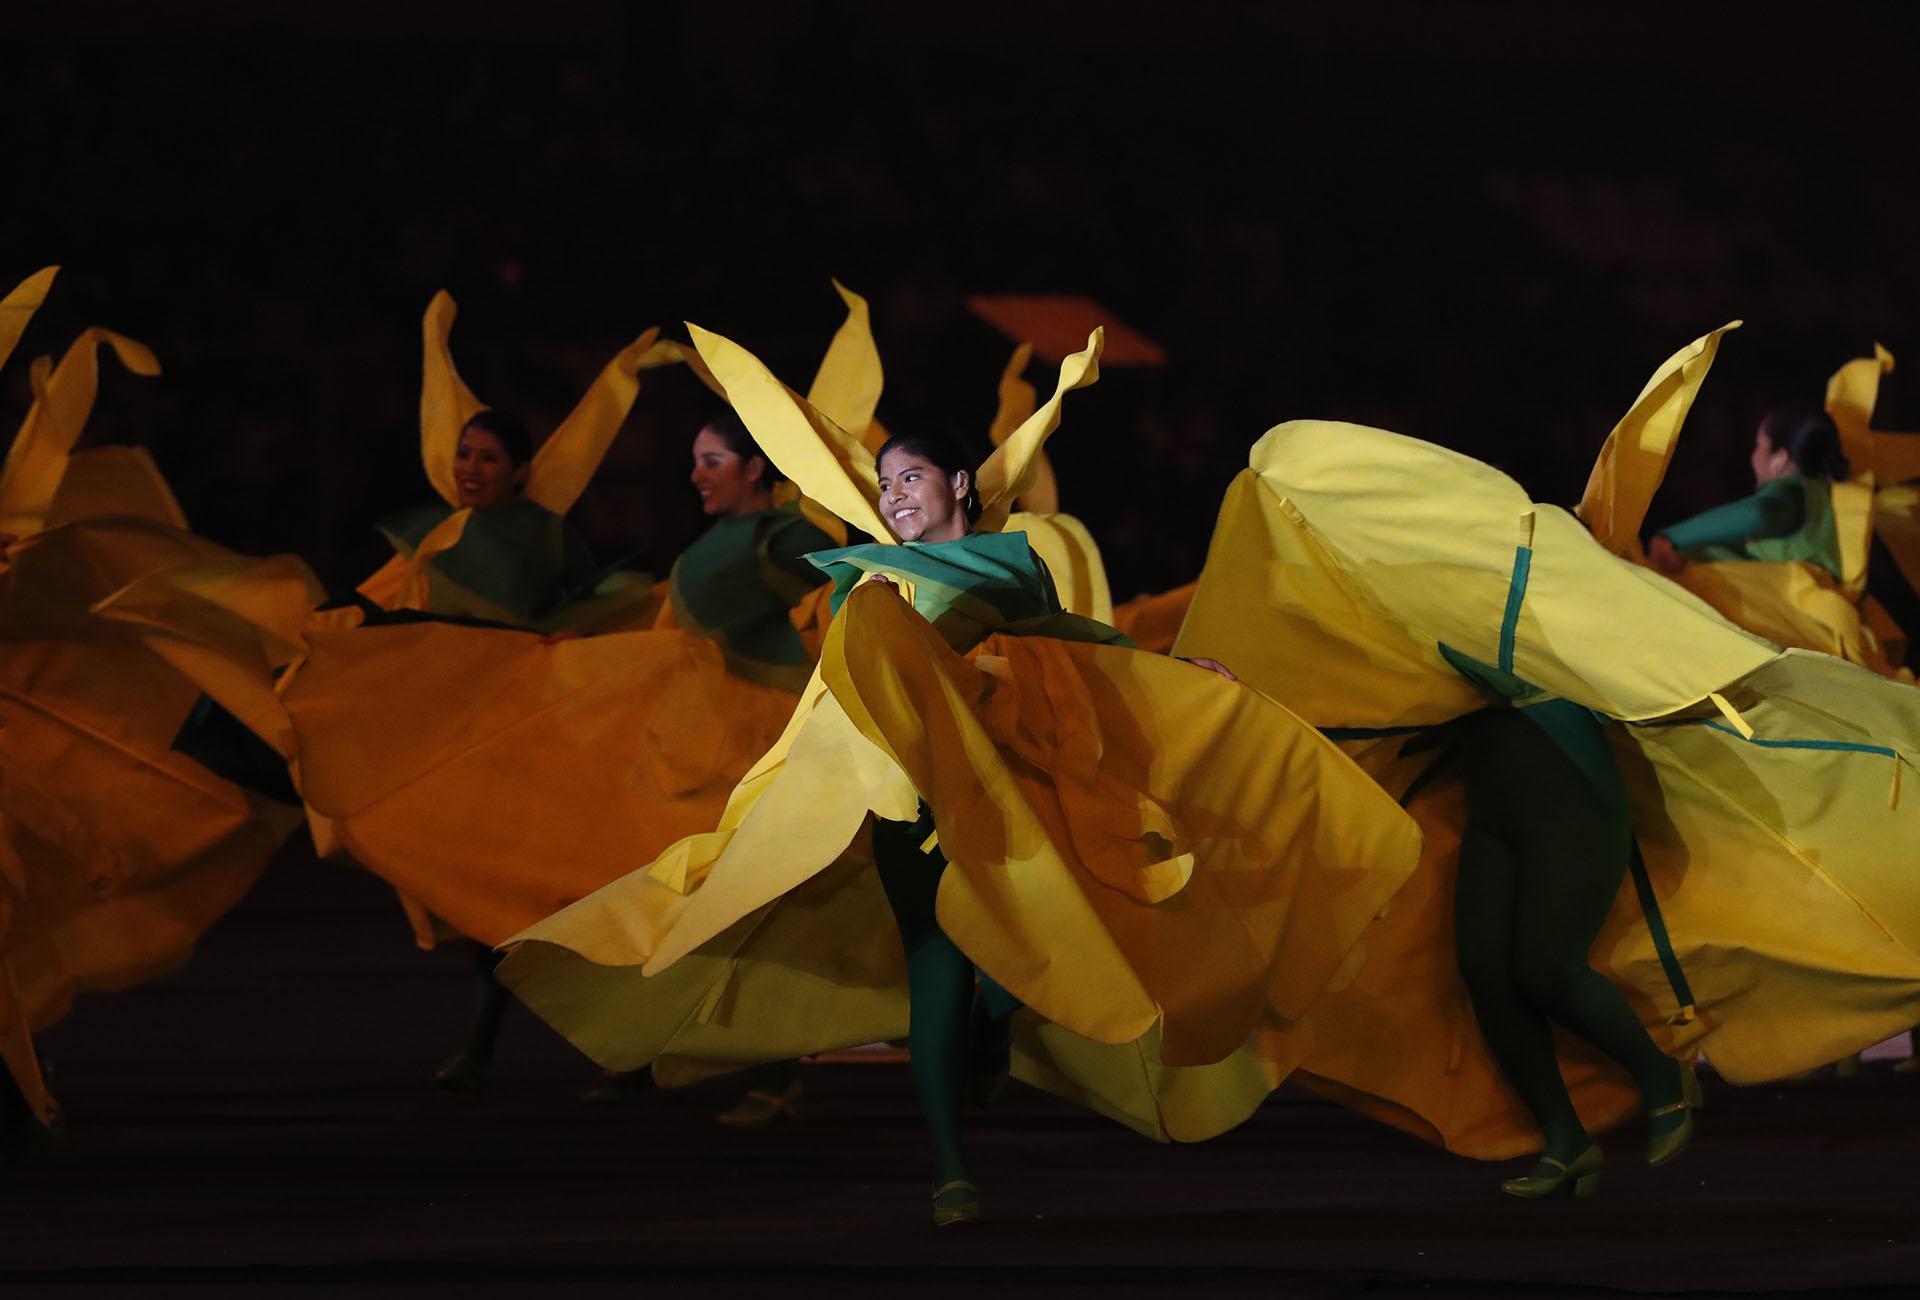 Las bailarinas vestidas como cantutas, la flor nacional del Perú y una inspiración para la creación del logo de los Juegos Panamericanos y Parapanamericanos (REUTERS/Henry Romero)